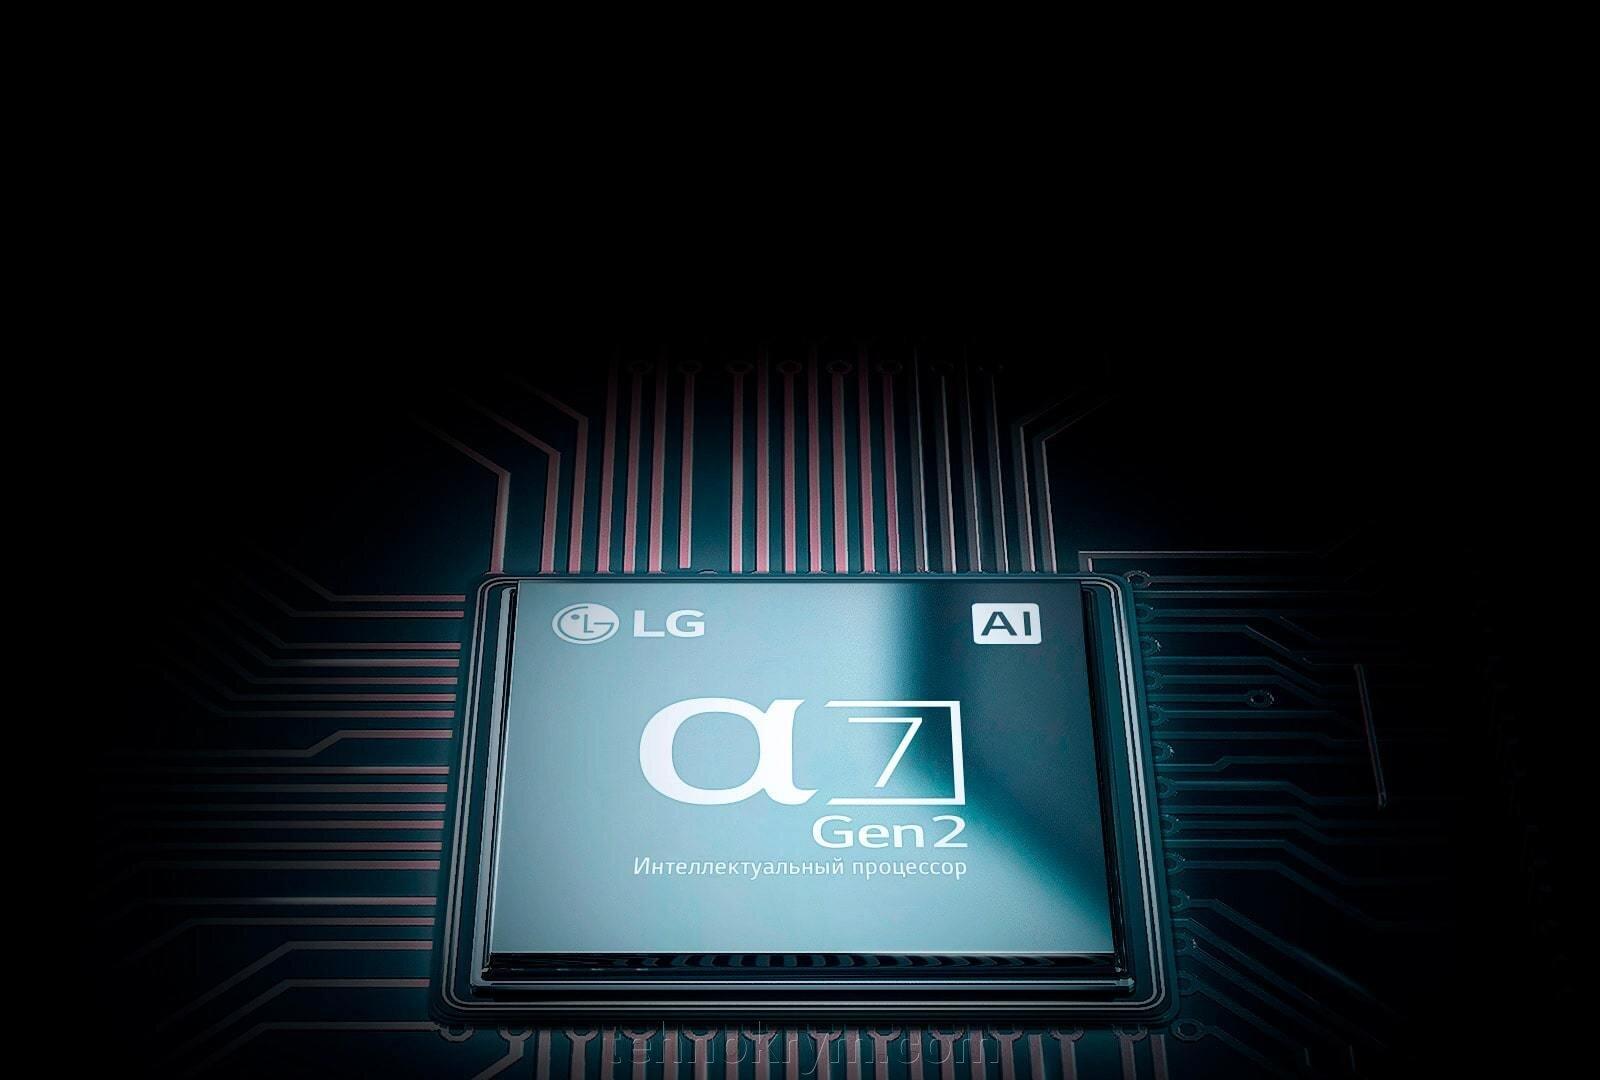 Smart OLED телевизор LG OLED55B9PLA, Ultra HD, черный, webOS 4.5, модельный ряд 2019 года - фото pic_4e9941c8810be34fa91c1ac4c3e43e6d_1920x9000_1.jpg